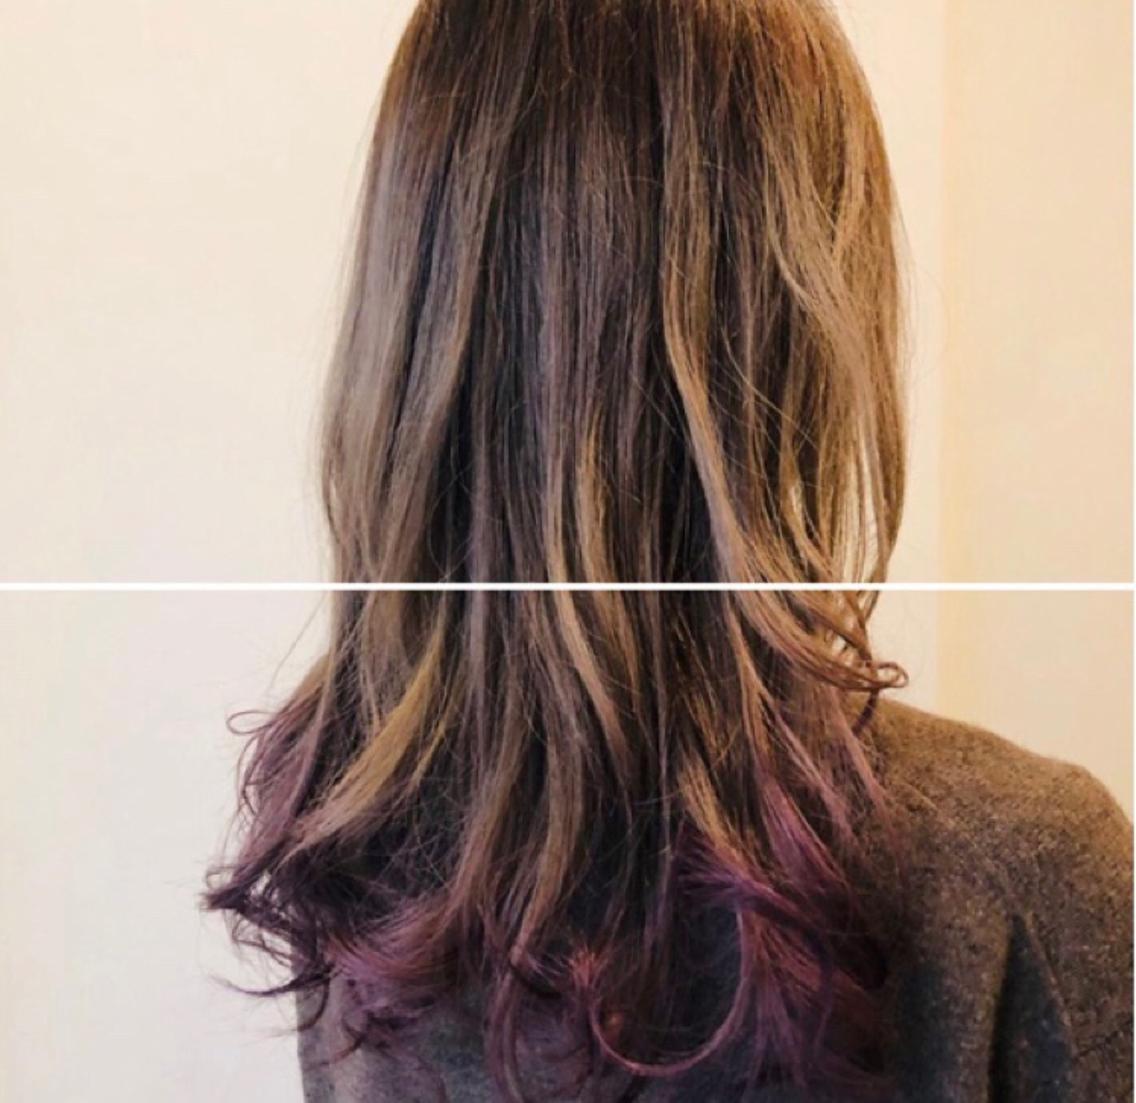 前髪カットが¥510!(簡単アレンジも可)初めてのお客様限定で撮影モデル募集中!¥0(19時以降)